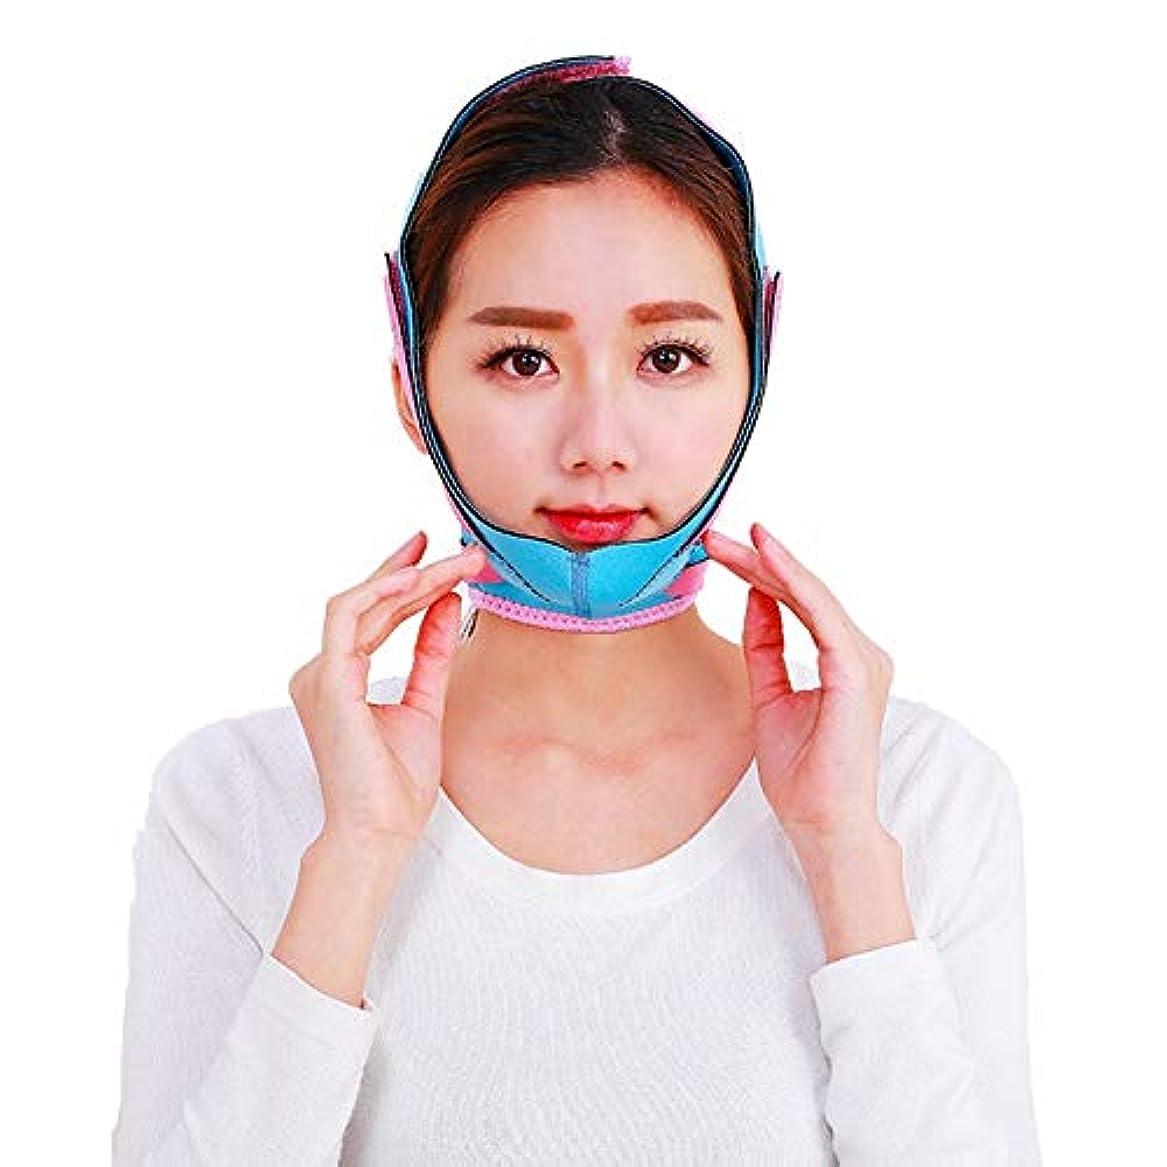 フェイスリフトベルト 薄い顔のベルト - 薄い顔のベルト通気性のある顔の包帯前面のリフティングマスクVの顔薄い面の小さな持ち上げツール